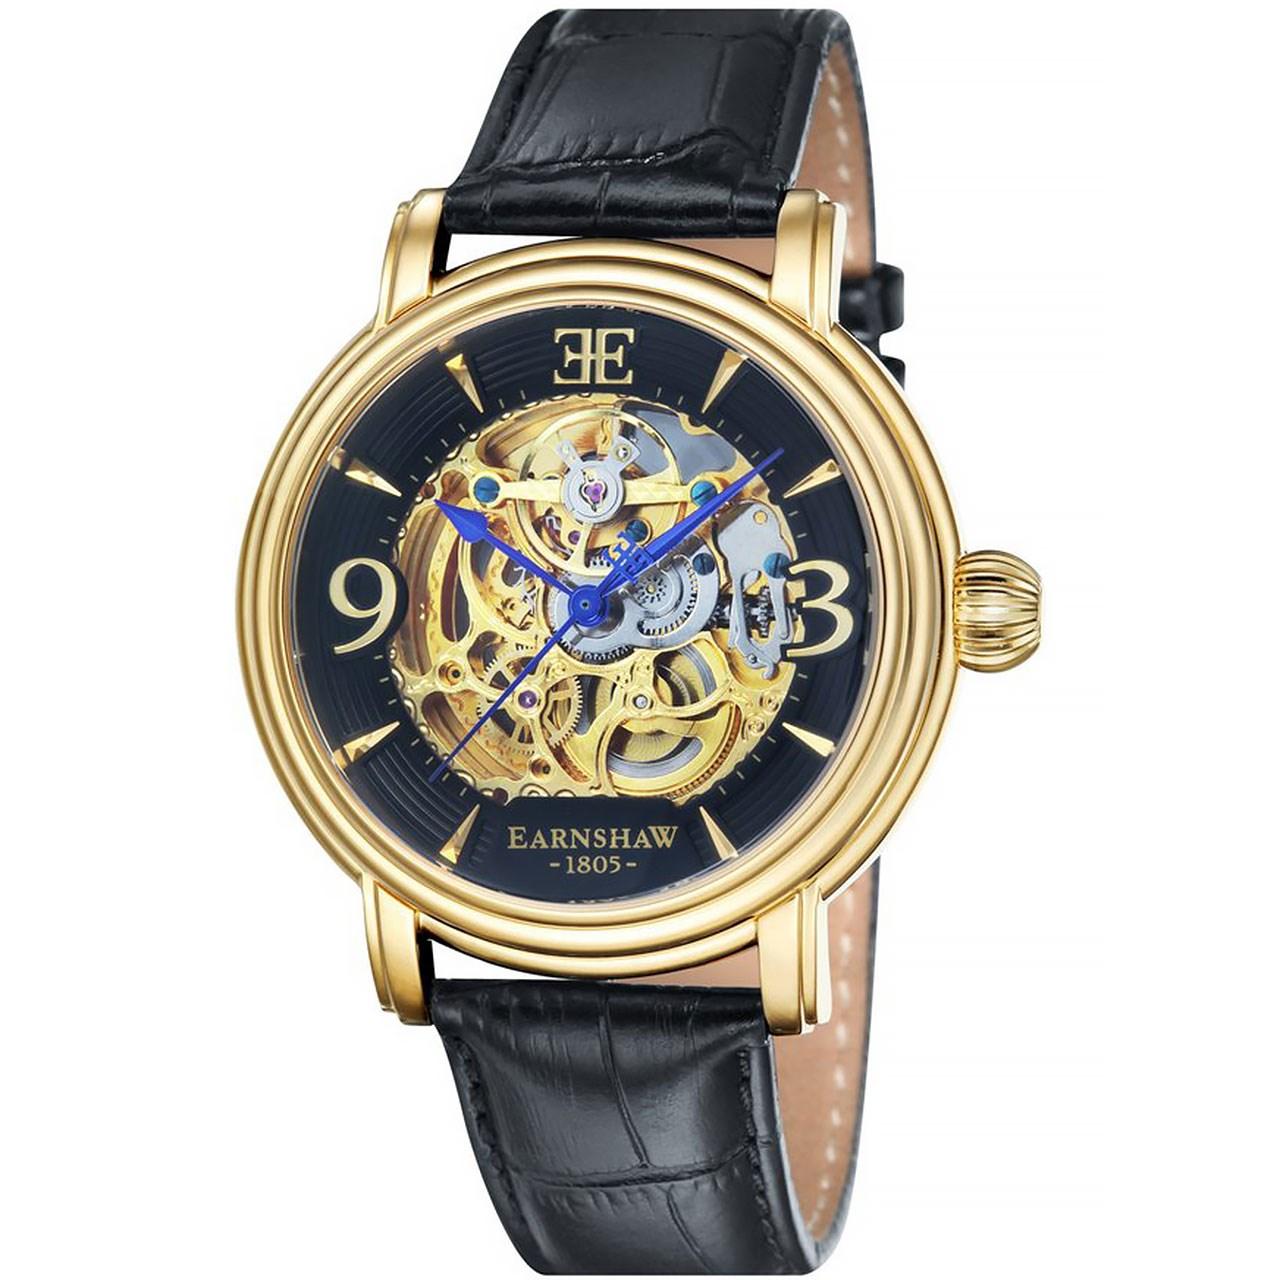 ساعت مچی عقربه ای مردانه ارنشا مدل ES-8011-03